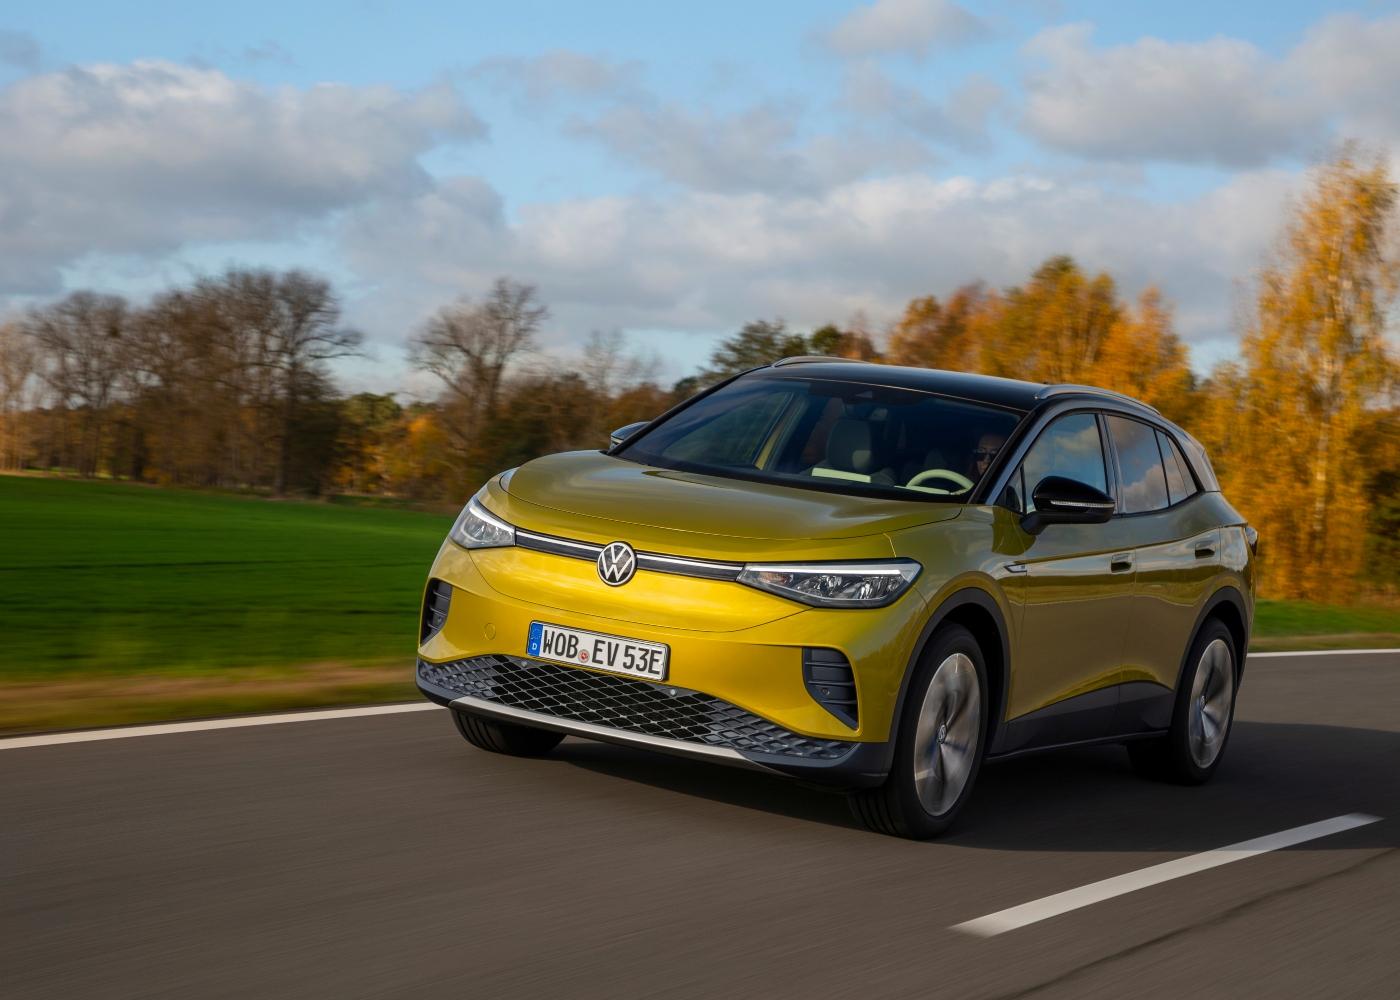 Volkswagen ID.4 um dos carros elétricos à venda em Portugal